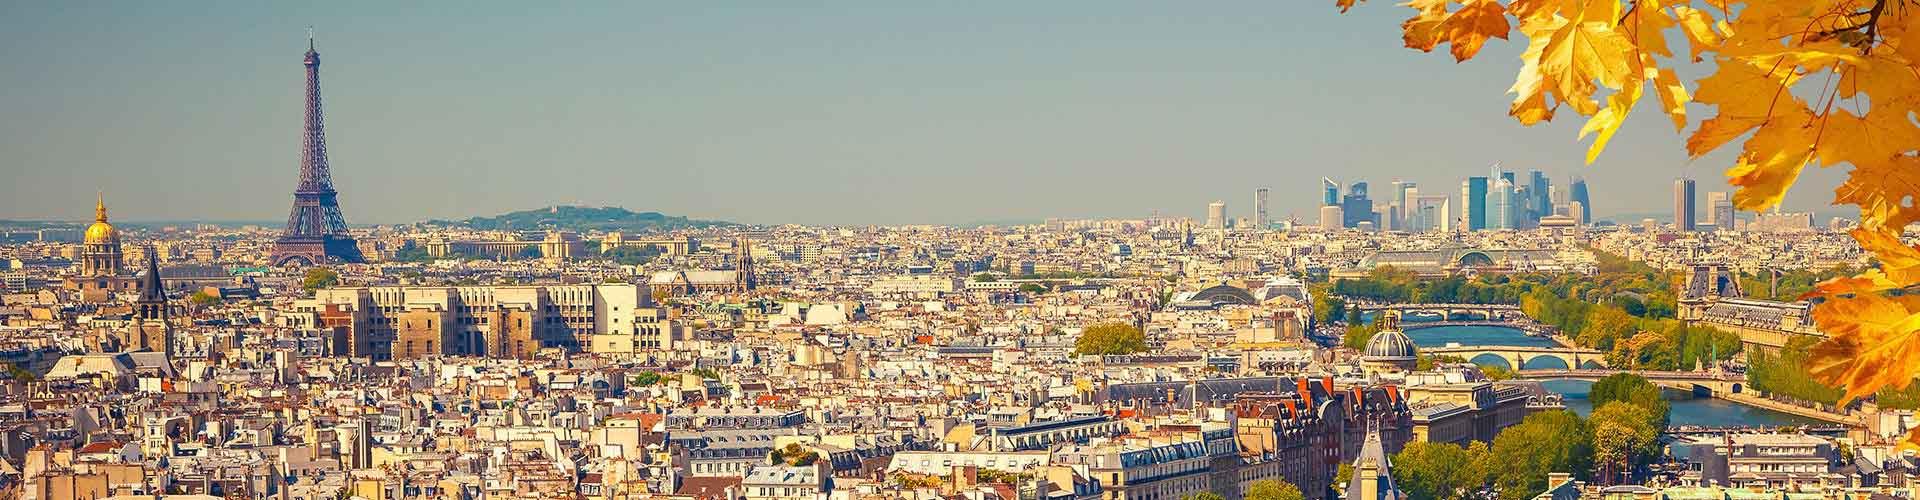 París - Albergues Juveniles en París. Mapas de París, Fotos y Comentarios para cada Albergue Juvenil en París.